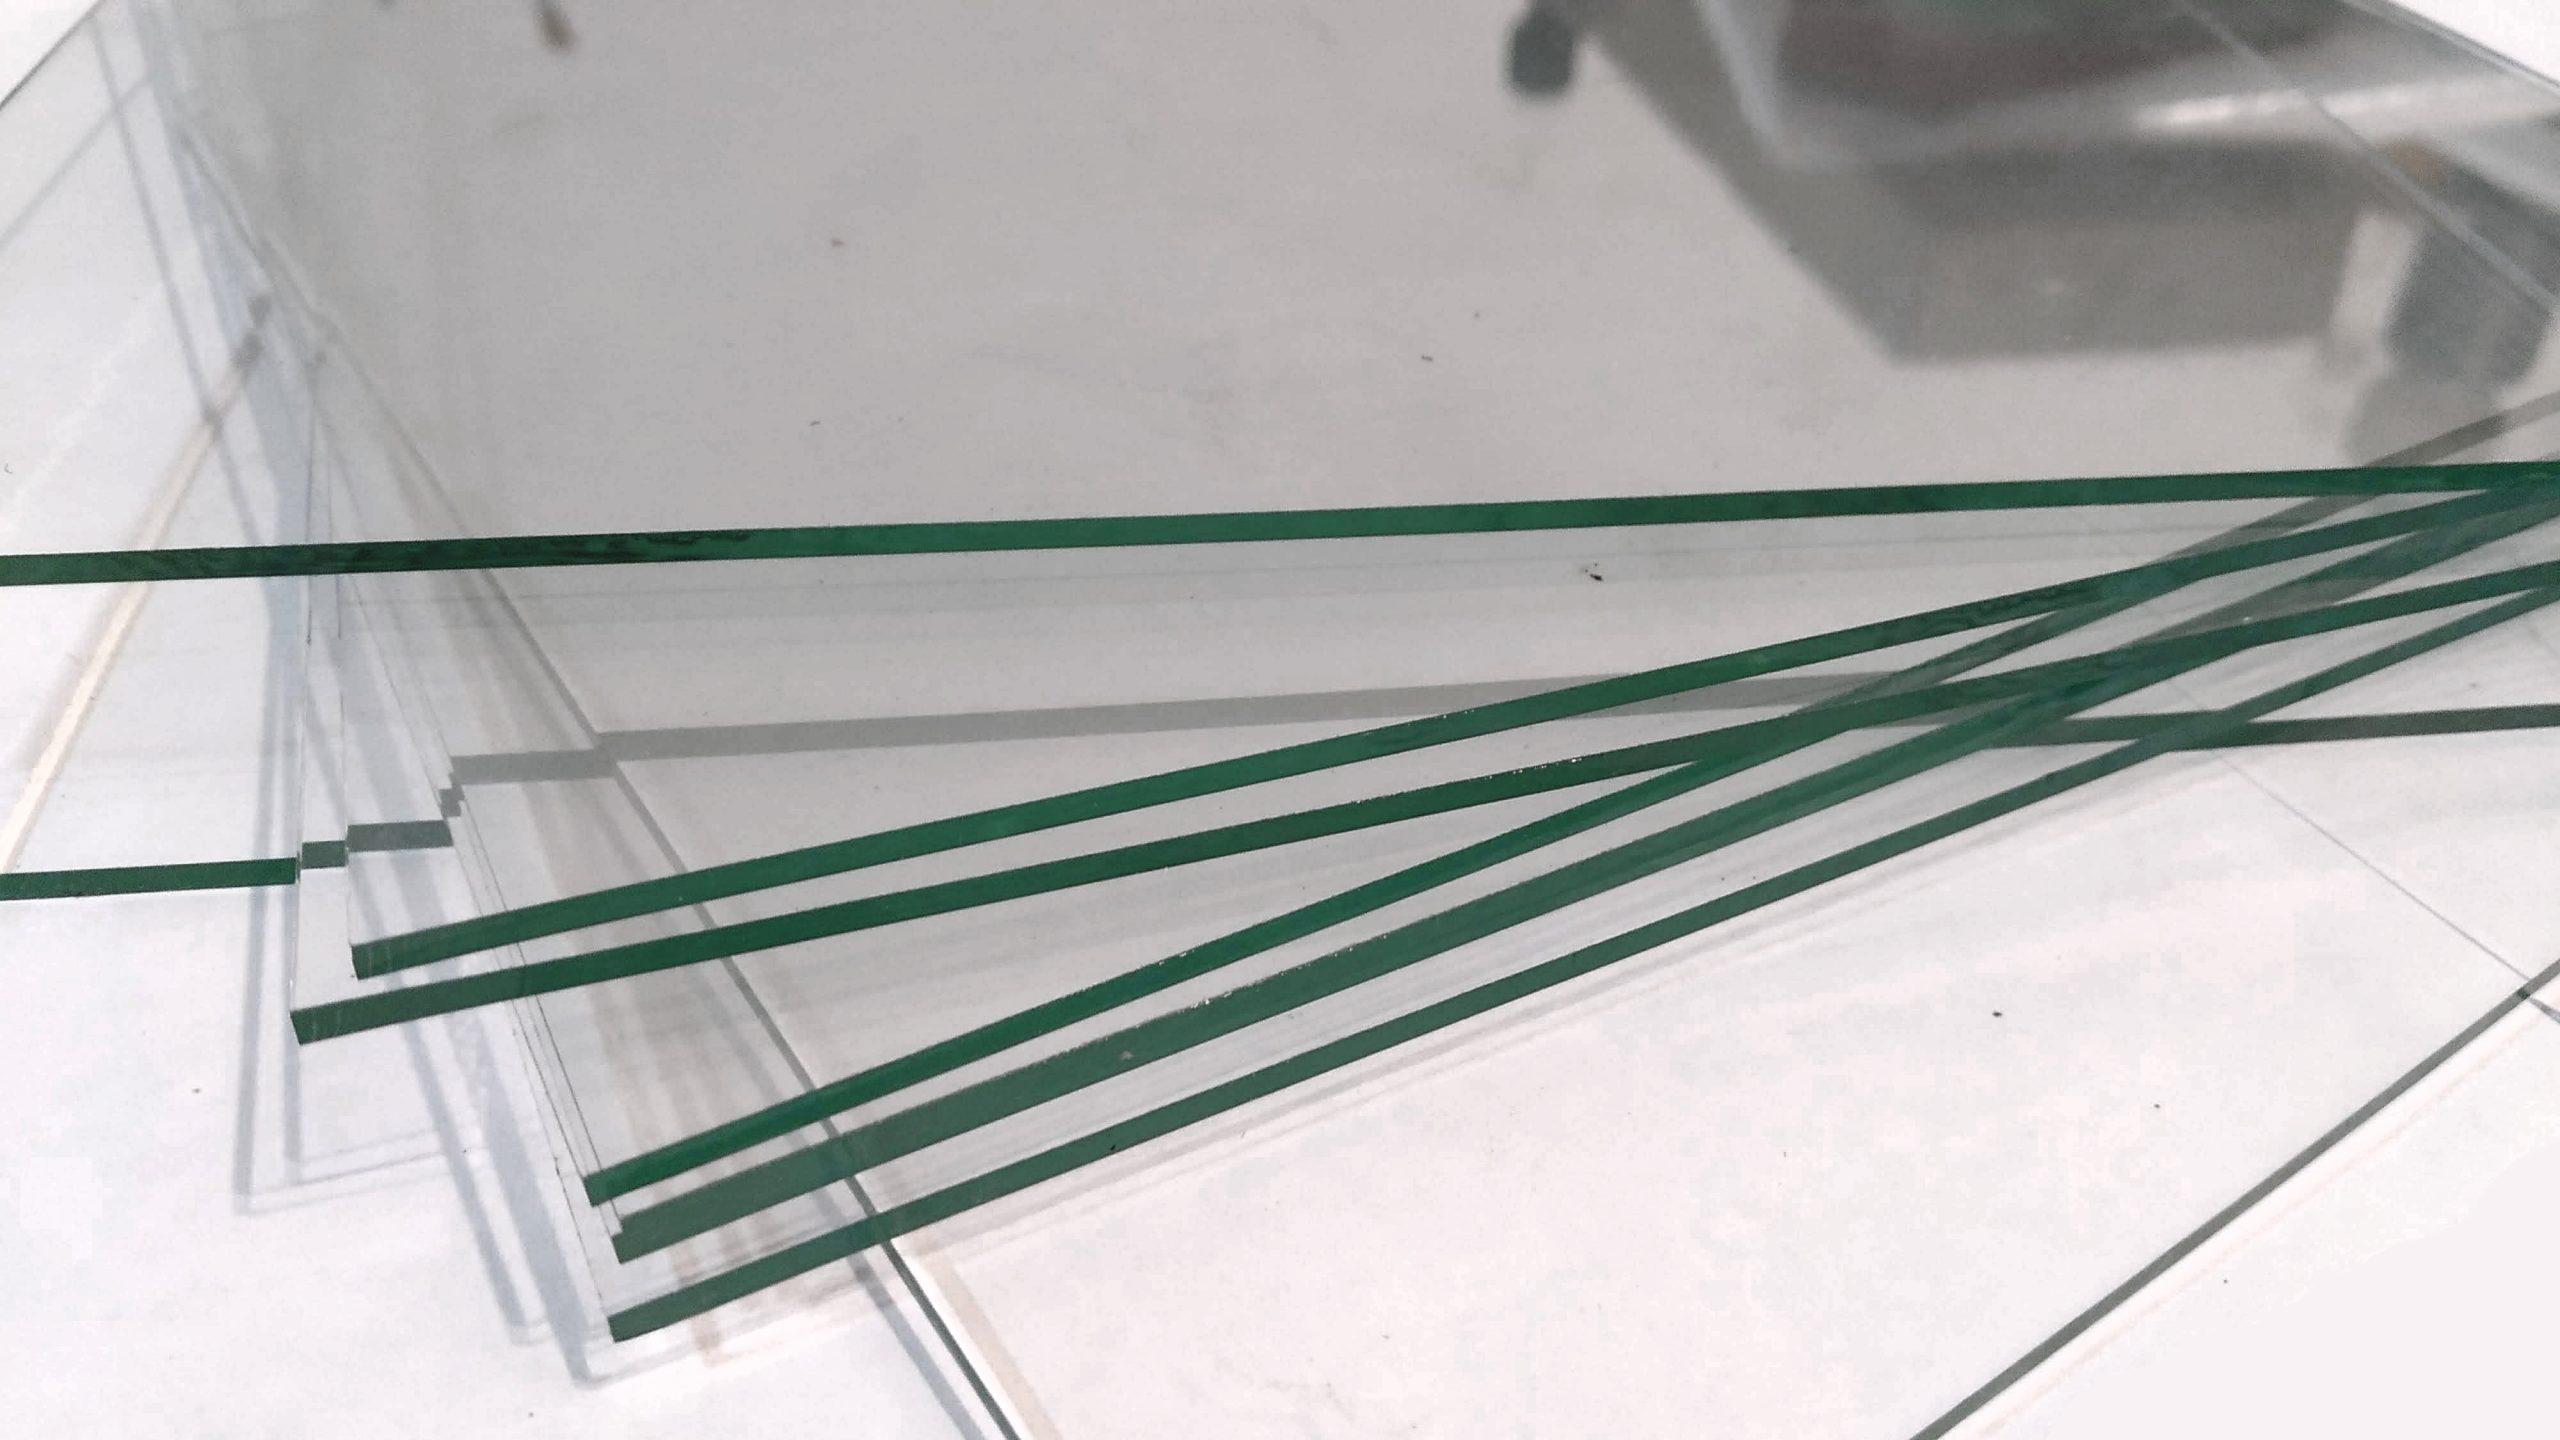 Cómo cortar vidrio de forma correcta y segura